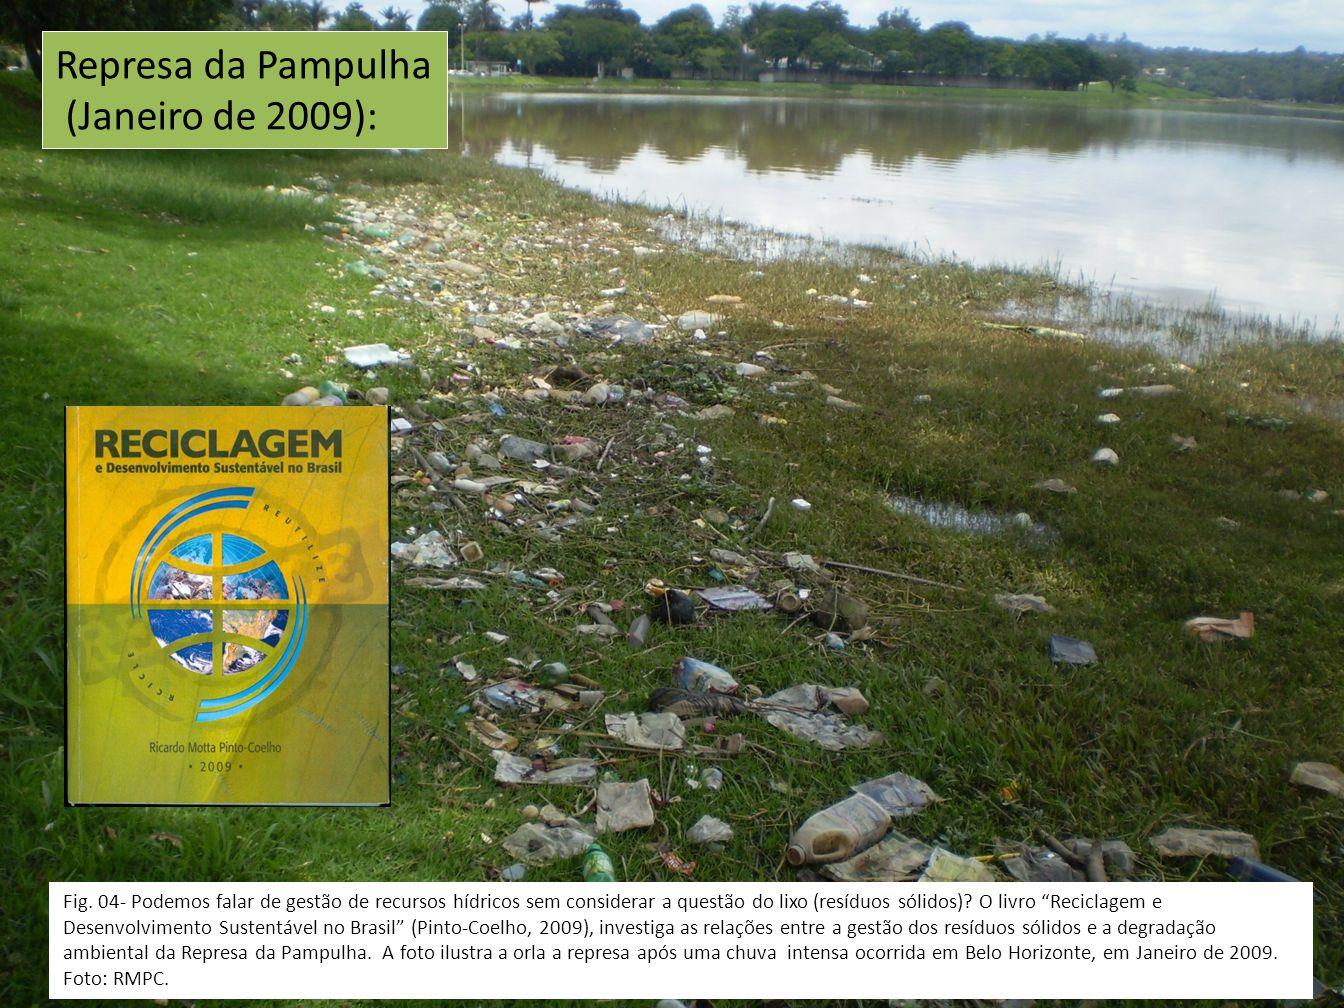 """Fig. 04- Podemos falar de gestão de recursos hídricos sem considerar a questão do lixo (resíduos sólidos)? O livro """"Reciclagem e Desenvolvimento Suste"""